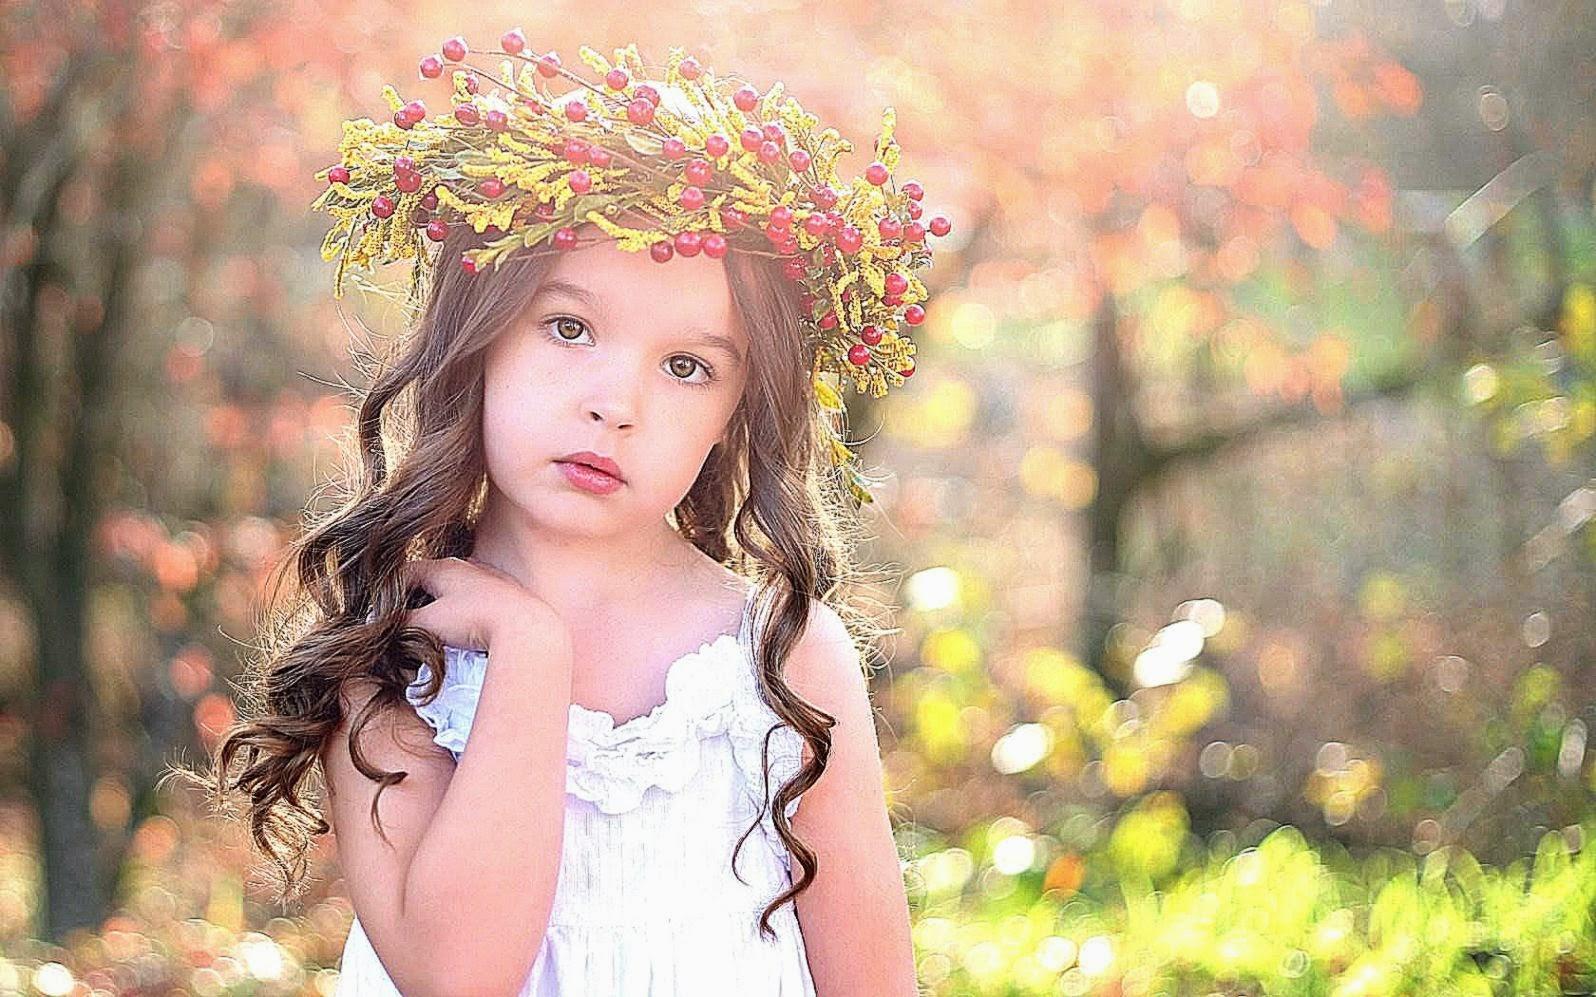 صور صور بنات صغار حلوات , البنات احلى الكائنات